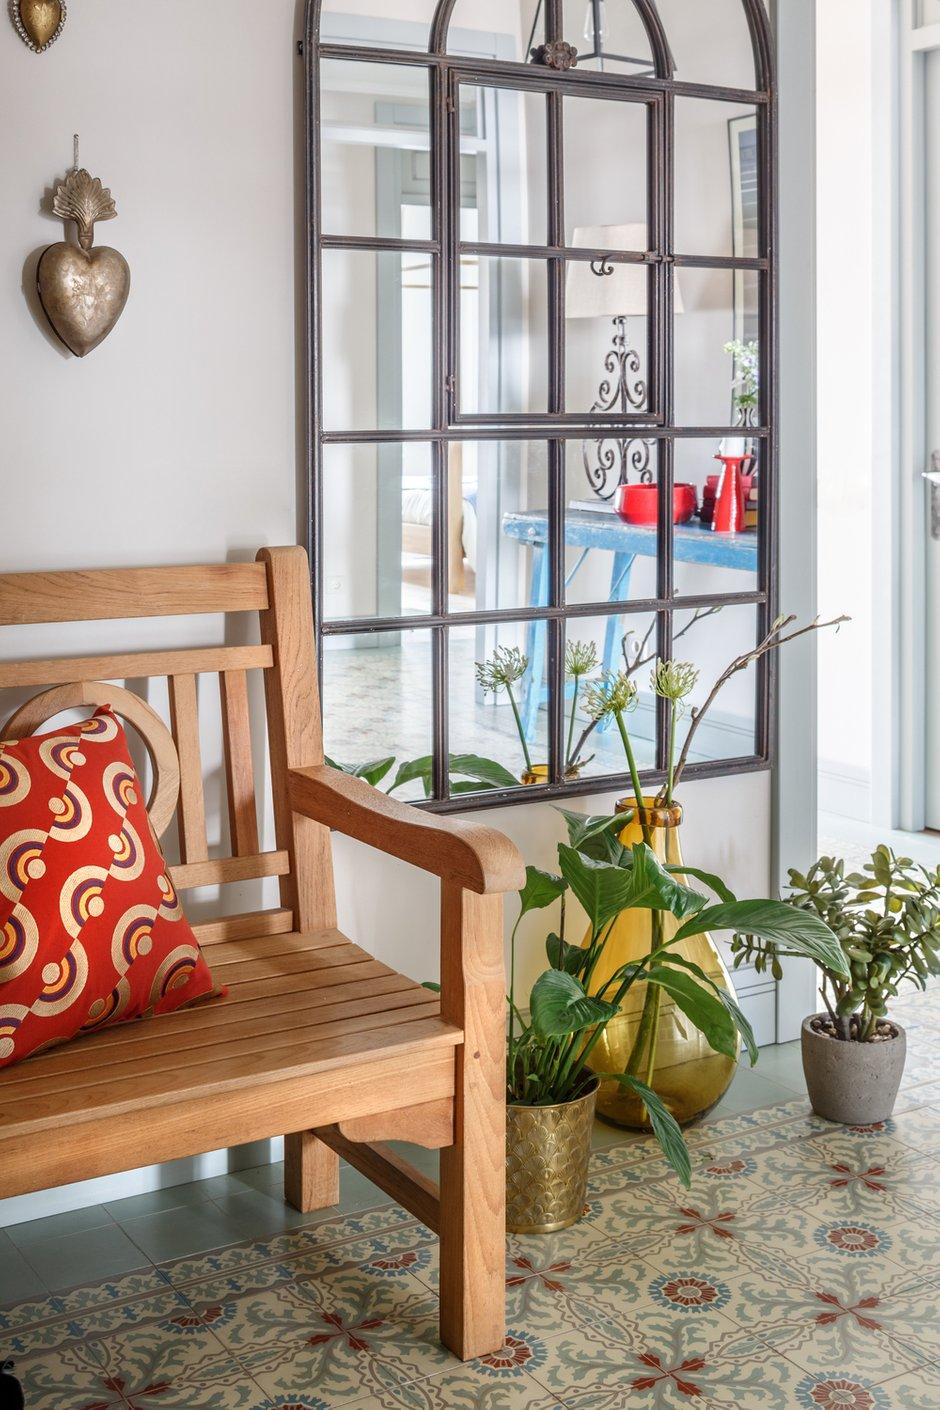 Фотография: Прихожая в стиле Прованс и Кантри, Декор интерьера, Квартира, Проект недели, Москва, Надя Зотова, 3 комнаты, Более 90 метров, студия Enjoy Home, Монолитно-кирпичный – фото на INMYROOM